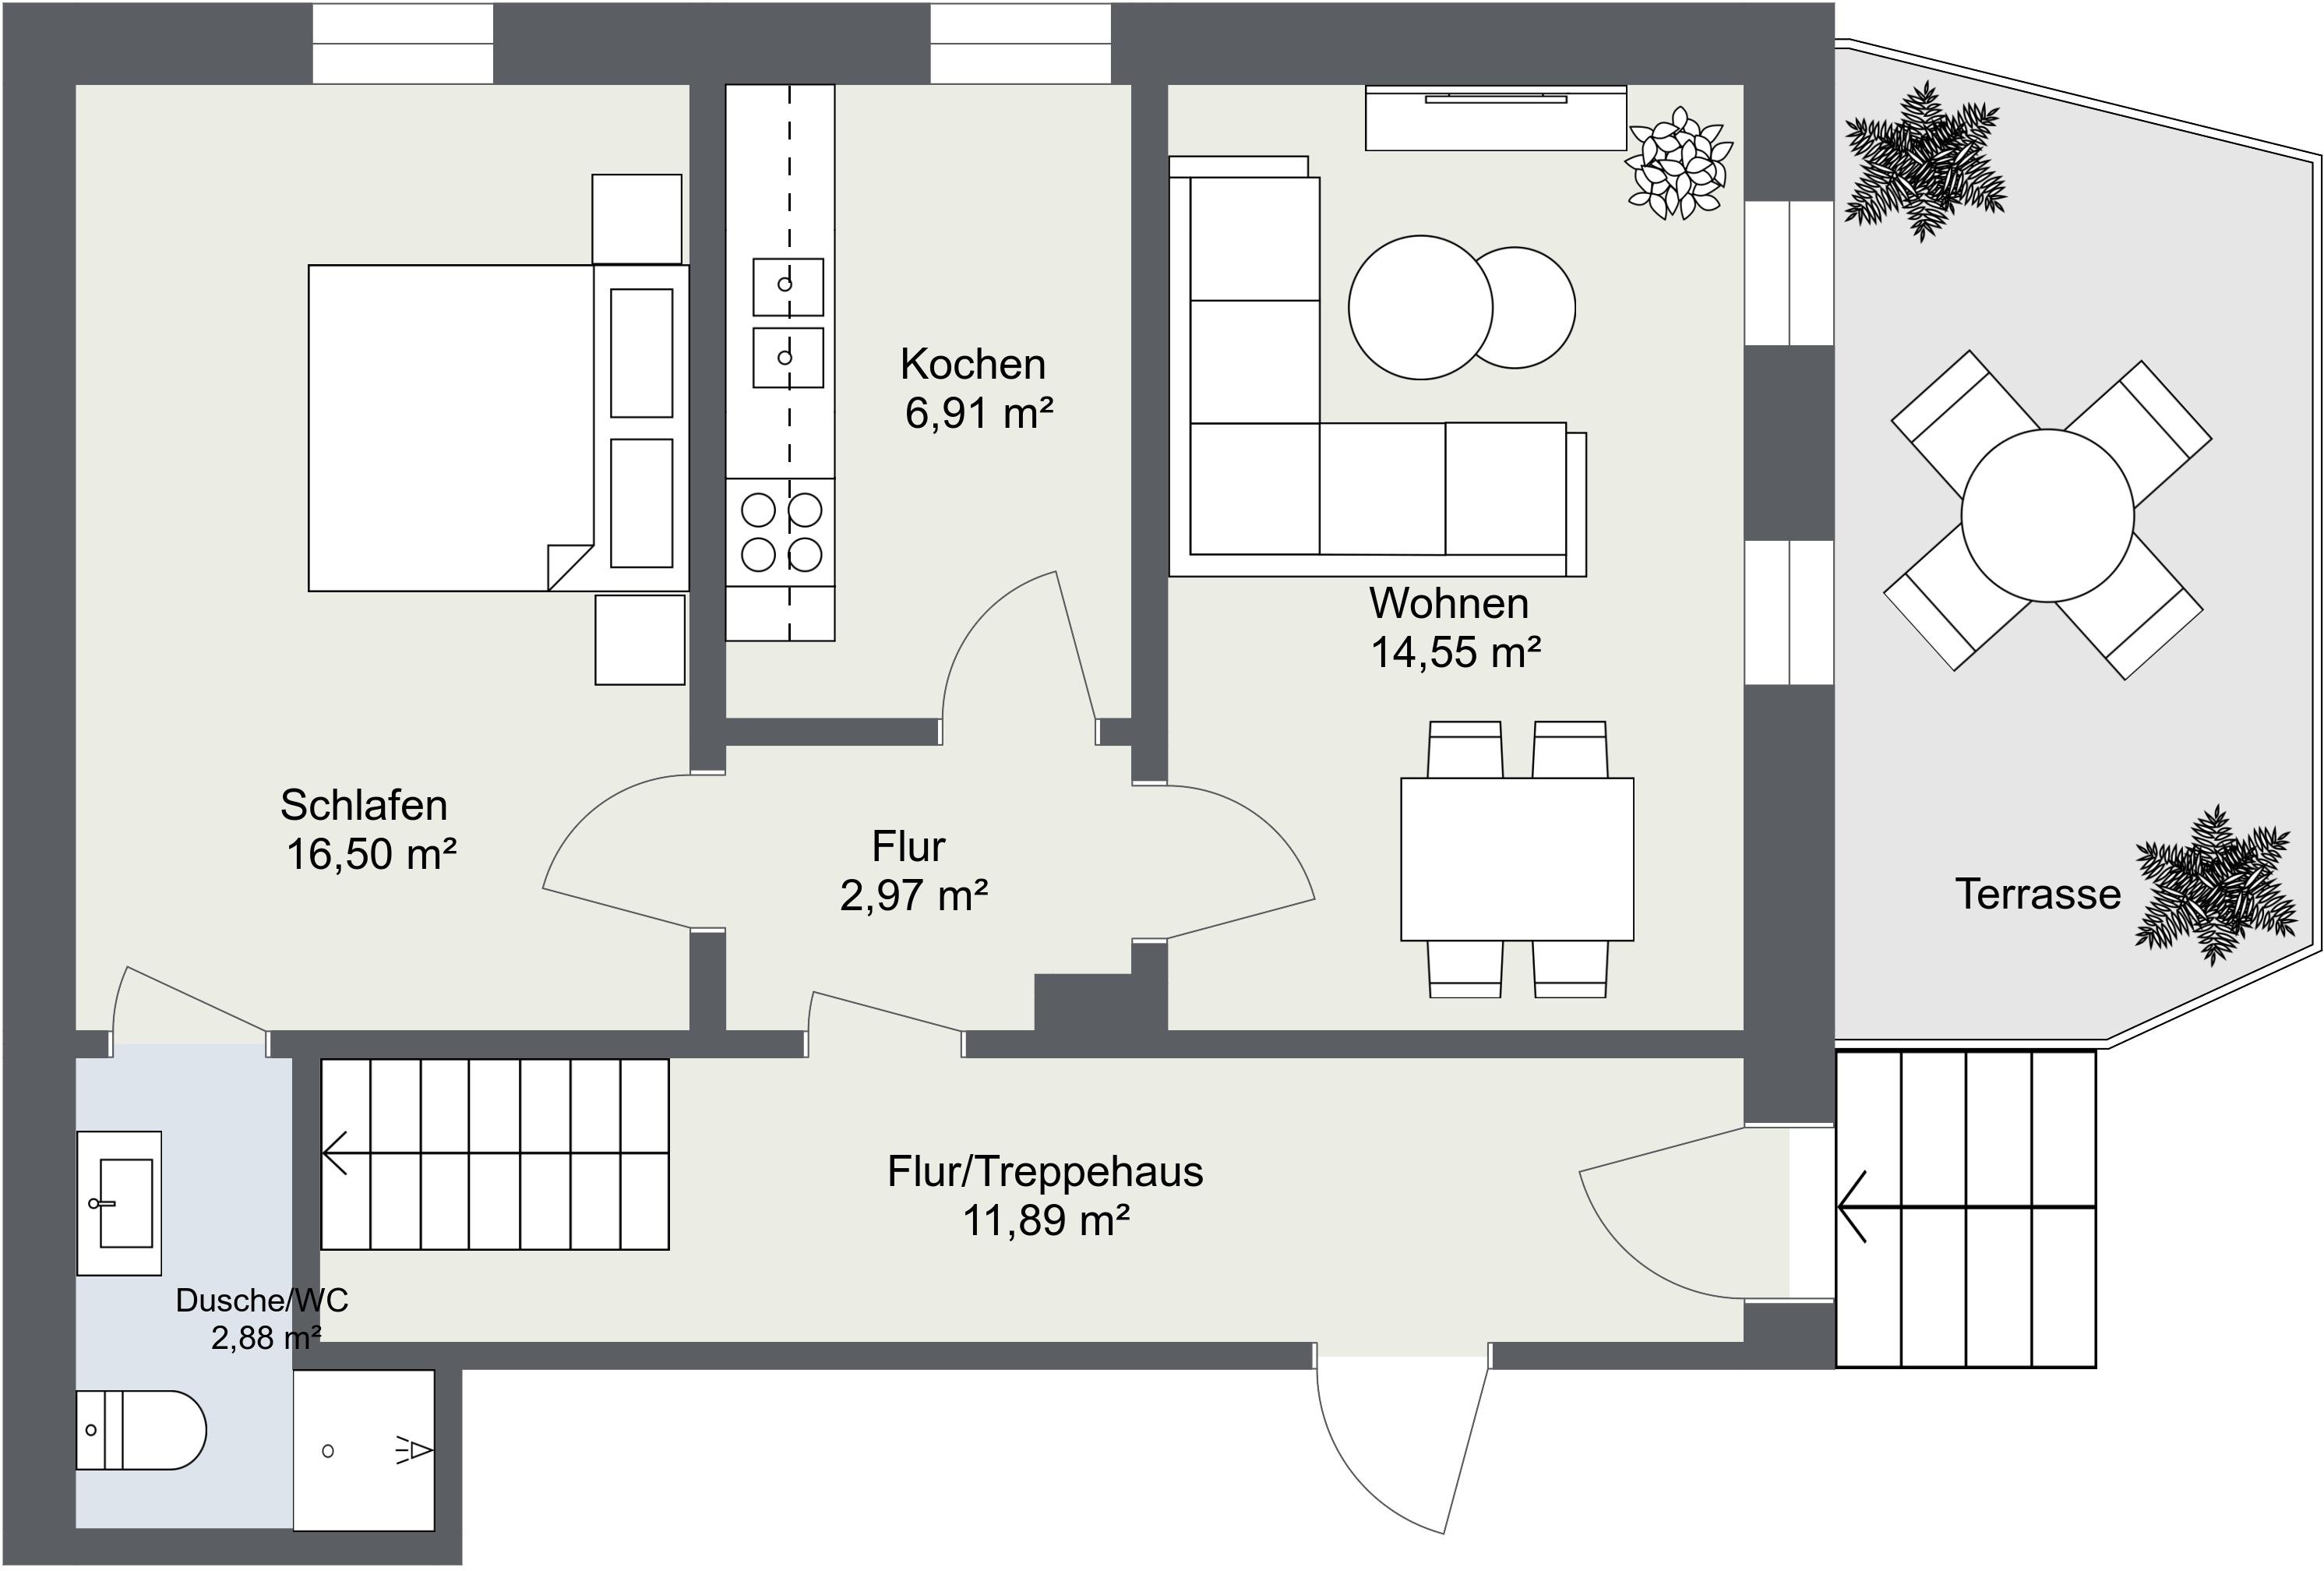 Grundriss Fewo 1 Moselhaus Uferallee Bernkastel-Kues